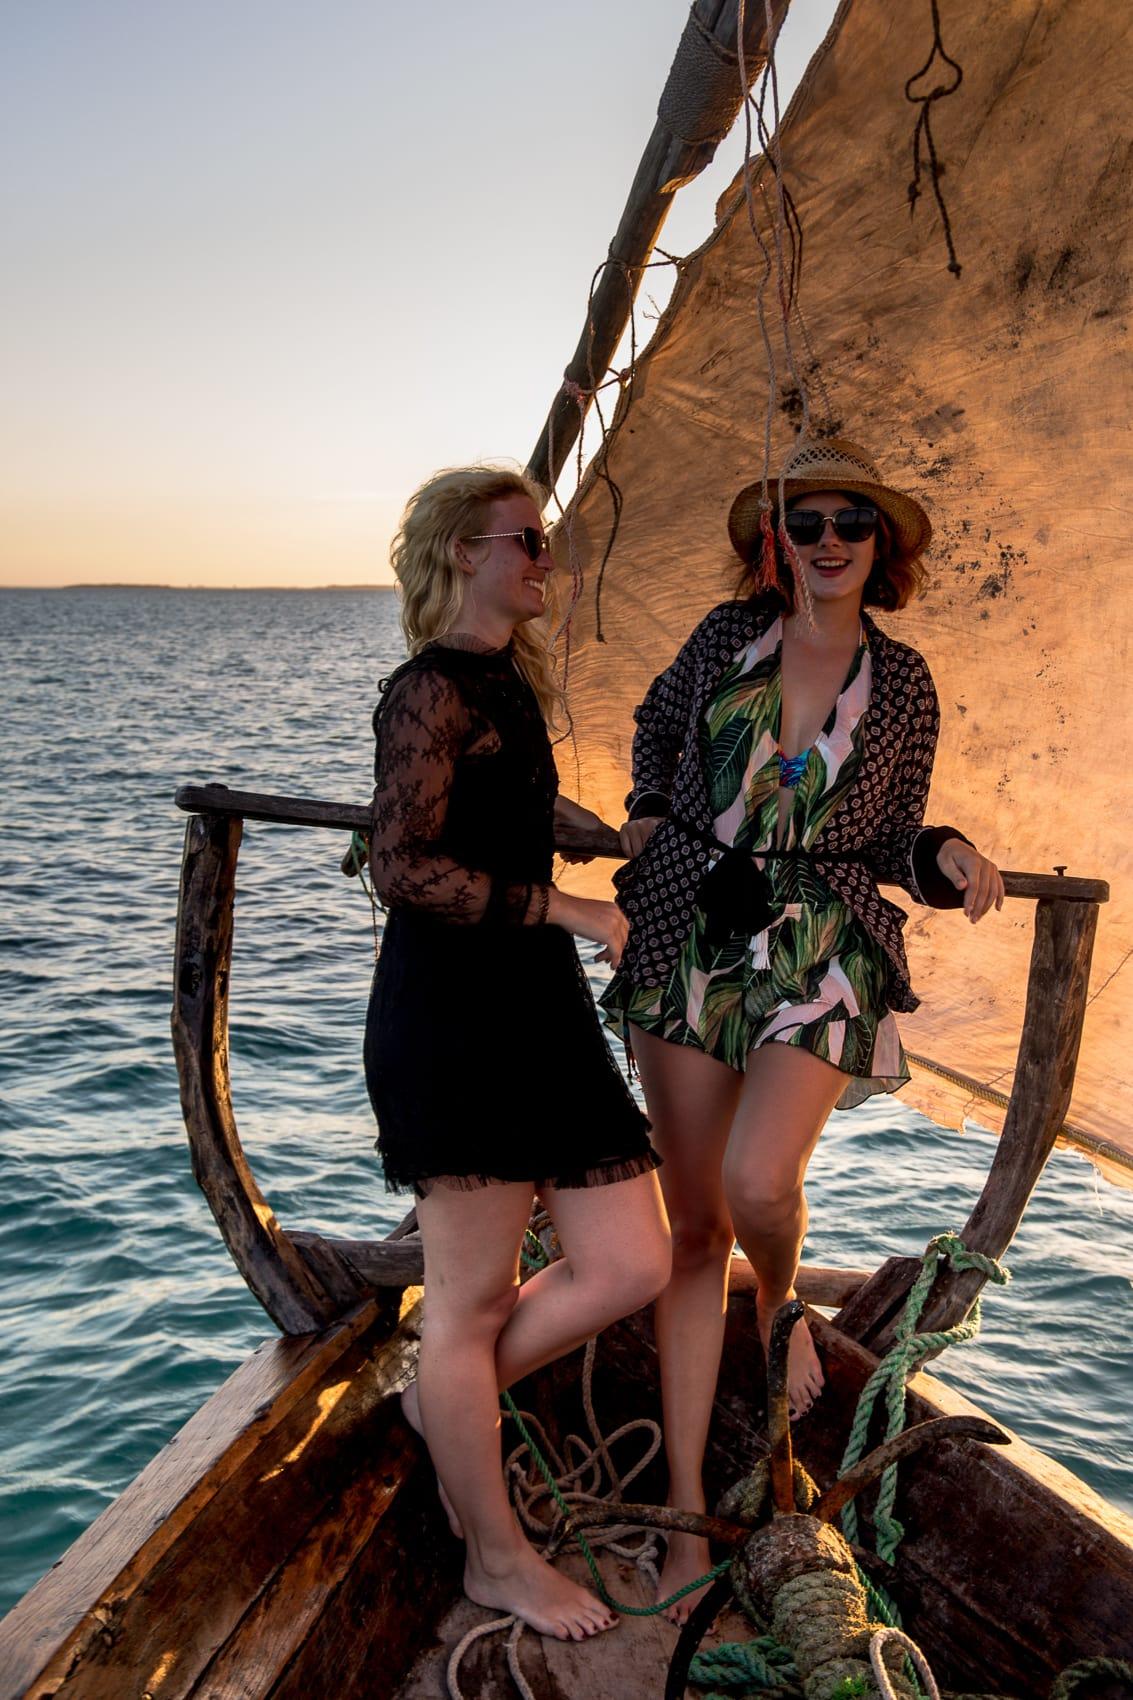 fünf-dinge-die-dich-auf-der-trauminsel-sansibar-überraschen-werden-sunset-cruise-kendwa-beach-reiseblog-des-belles-choses 5